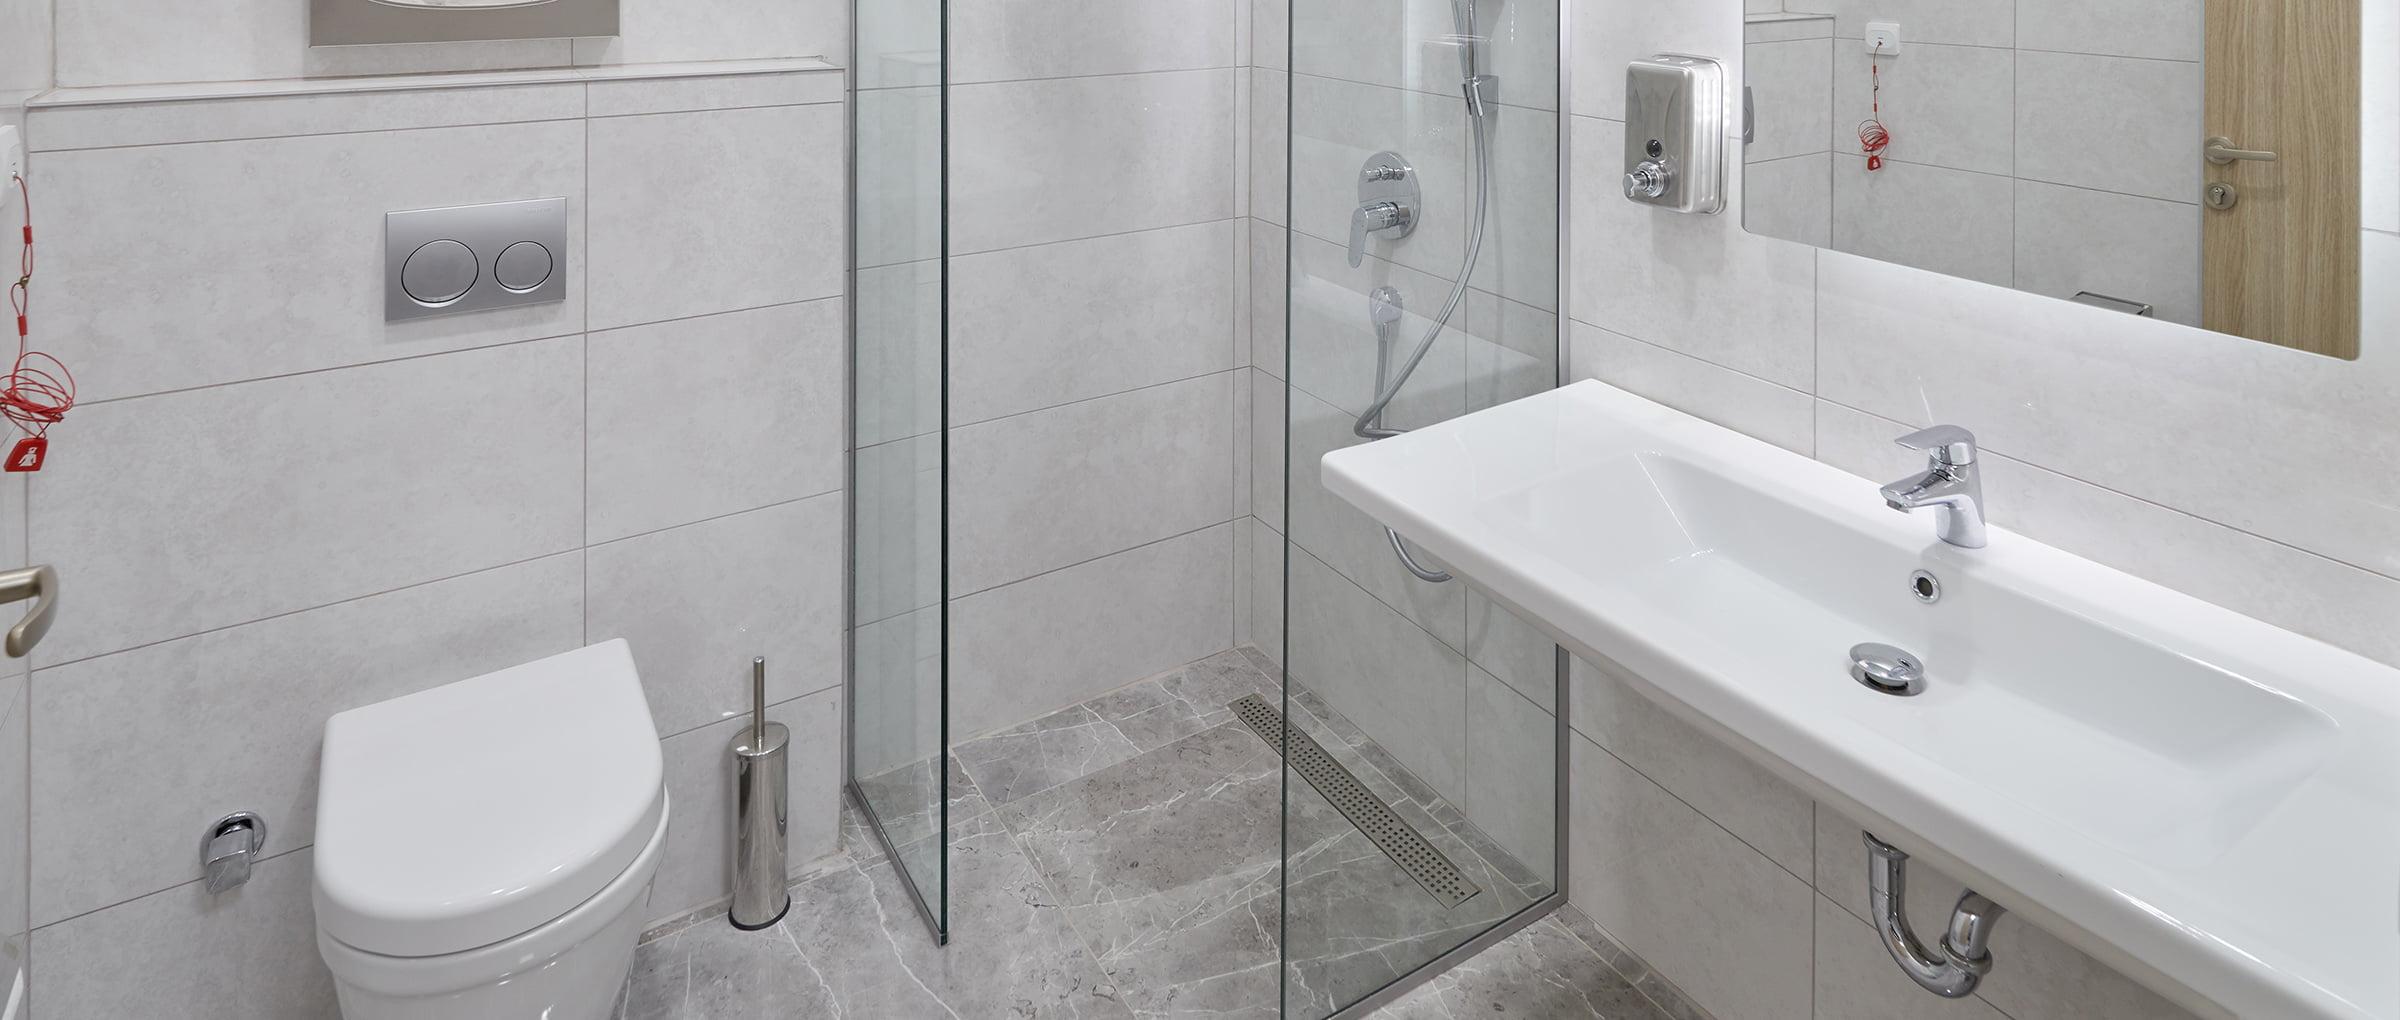 Dunya IVF bathroom